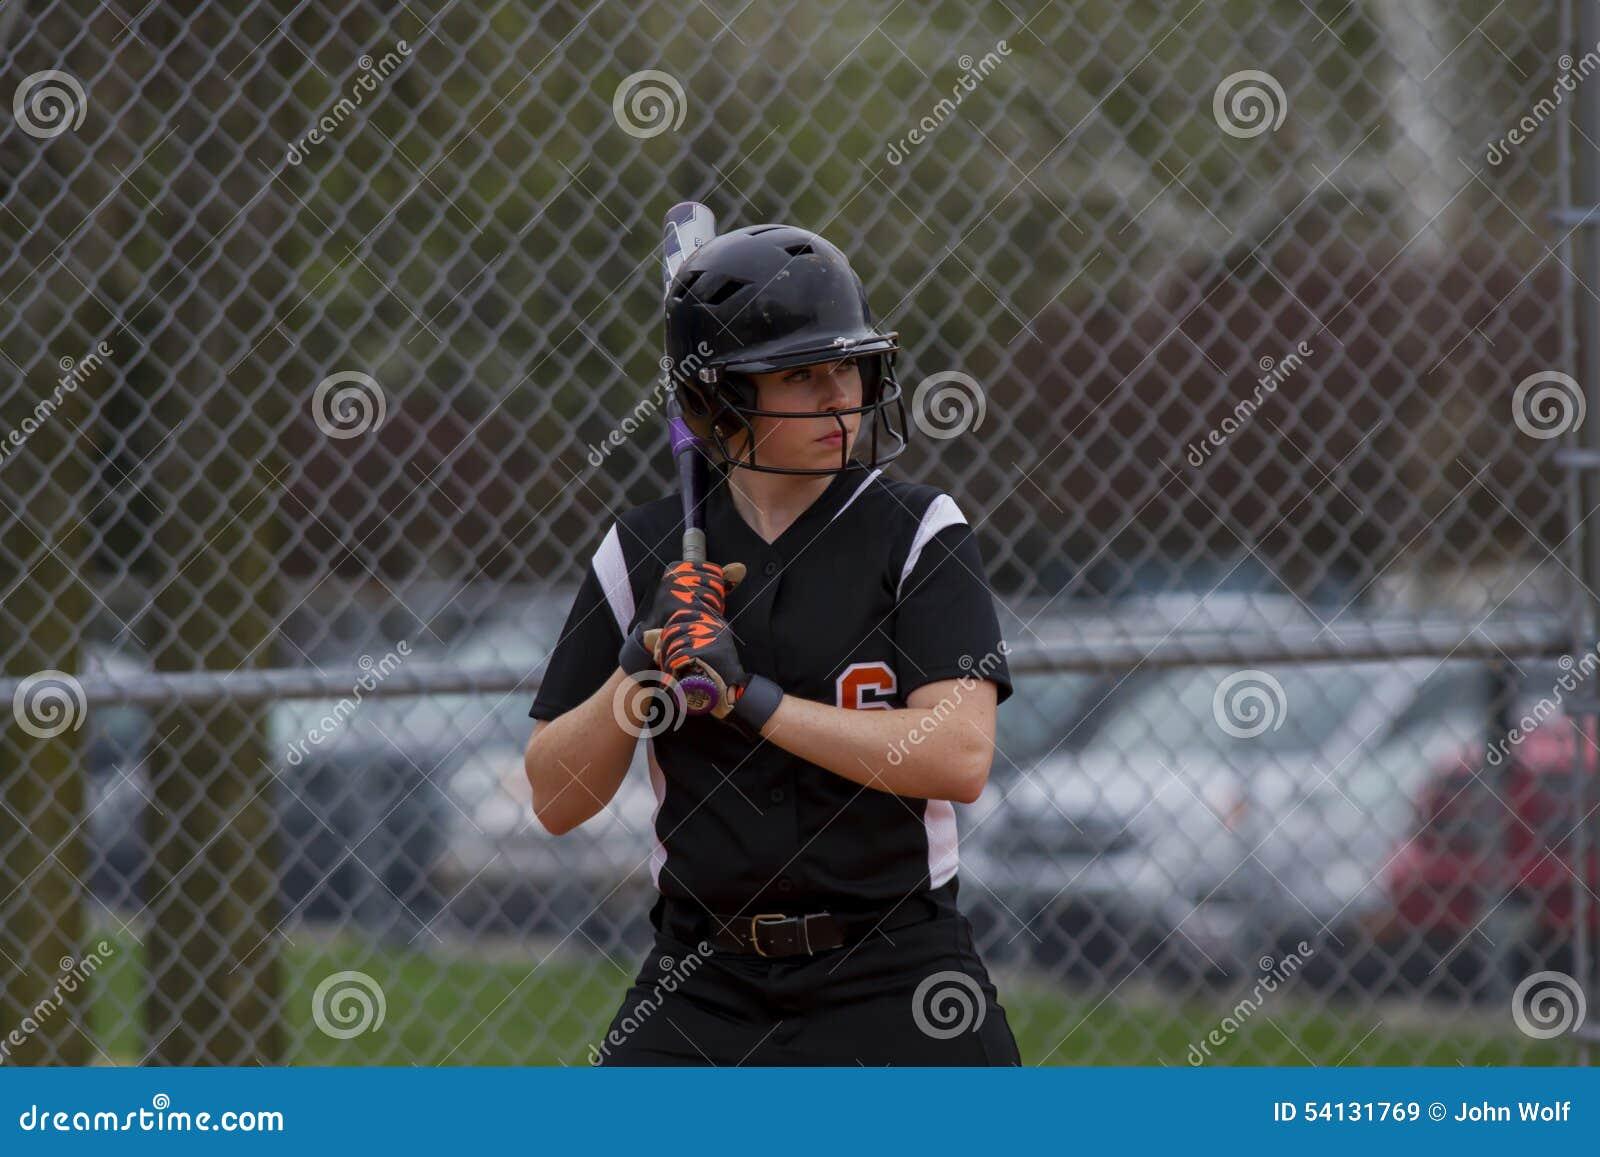 主持垒球的一个投手fastpitch女性运动员,当在击球员区时.热气球嘉年华v垒球估量稿图片